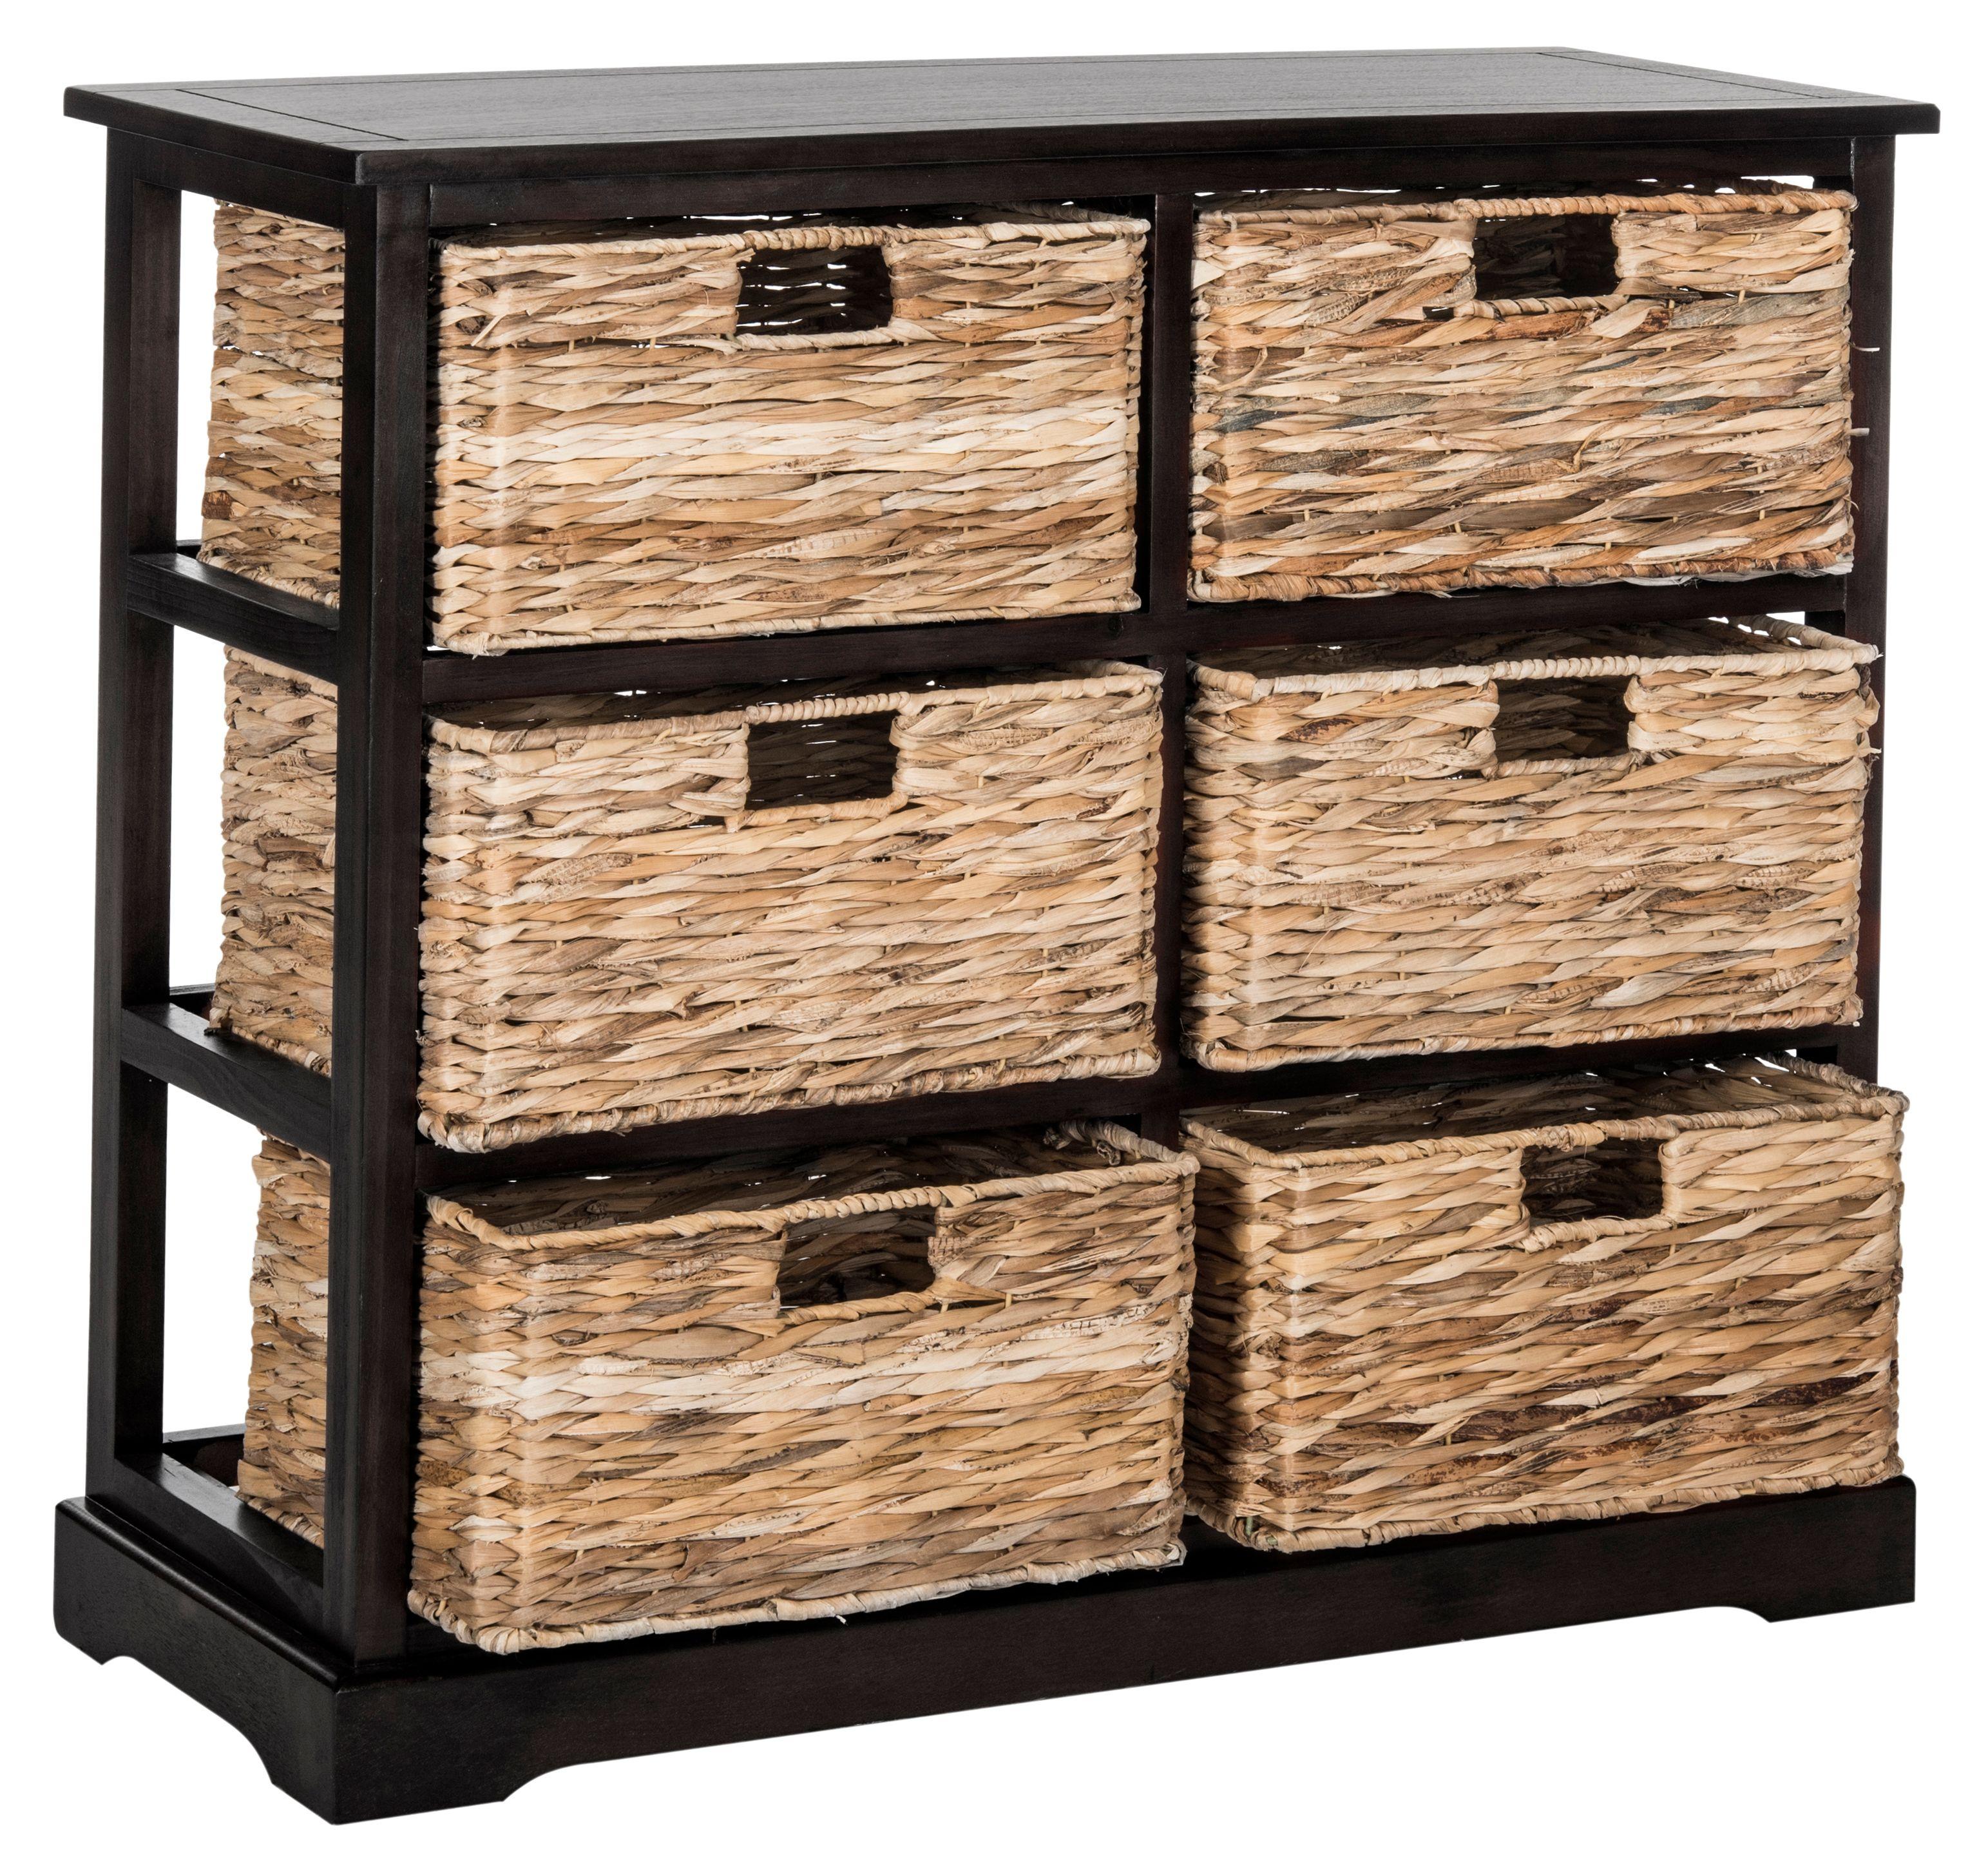 Safavieh Keenan 6 Wicker Basket Storage Chest